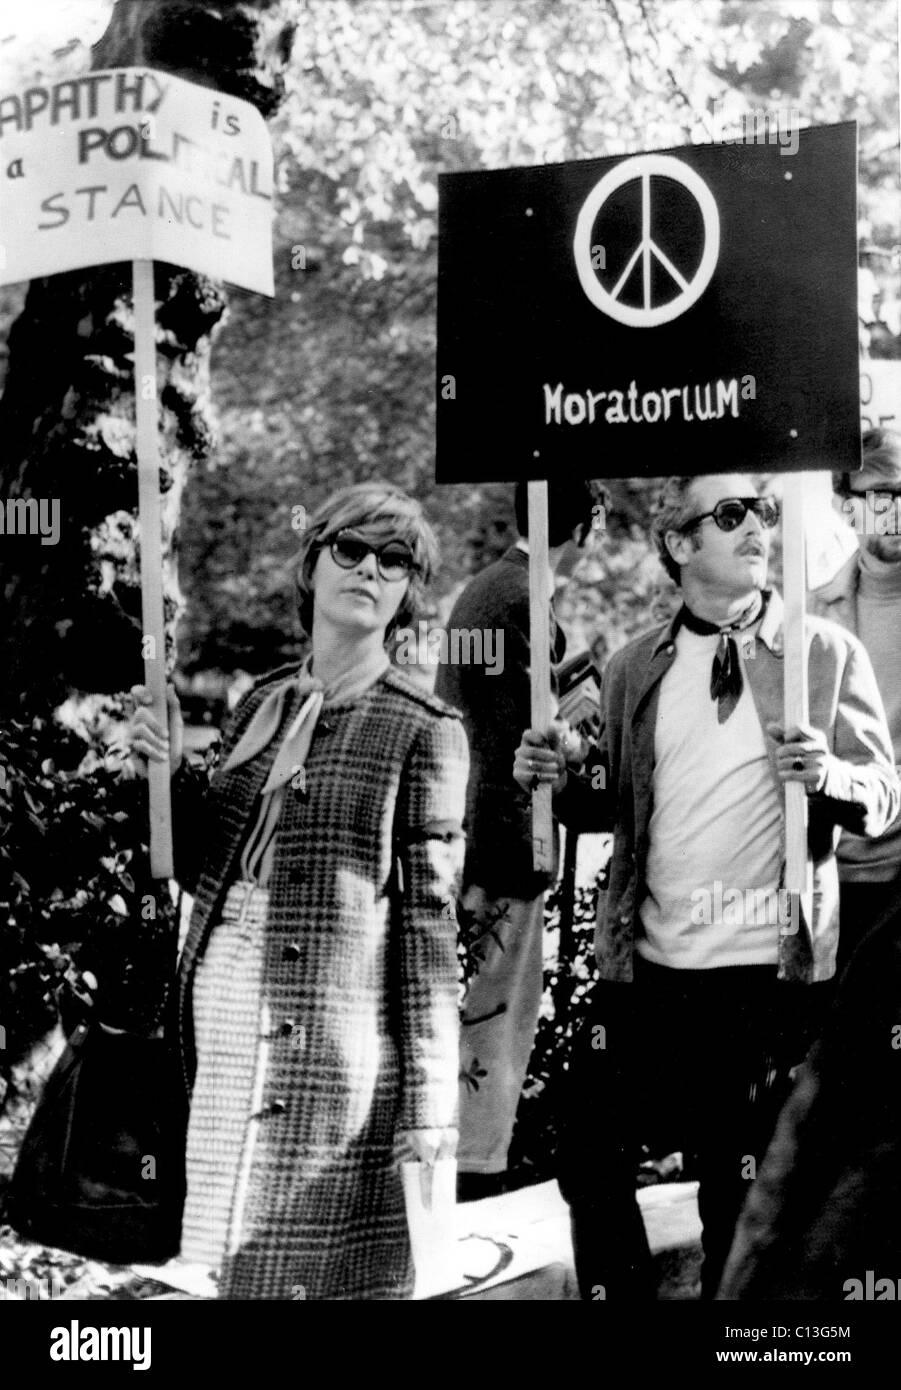 JOANNE WOODWARD e Paul Newman protestar contra a guerra do Vietname, 1969 Imagens de Stock